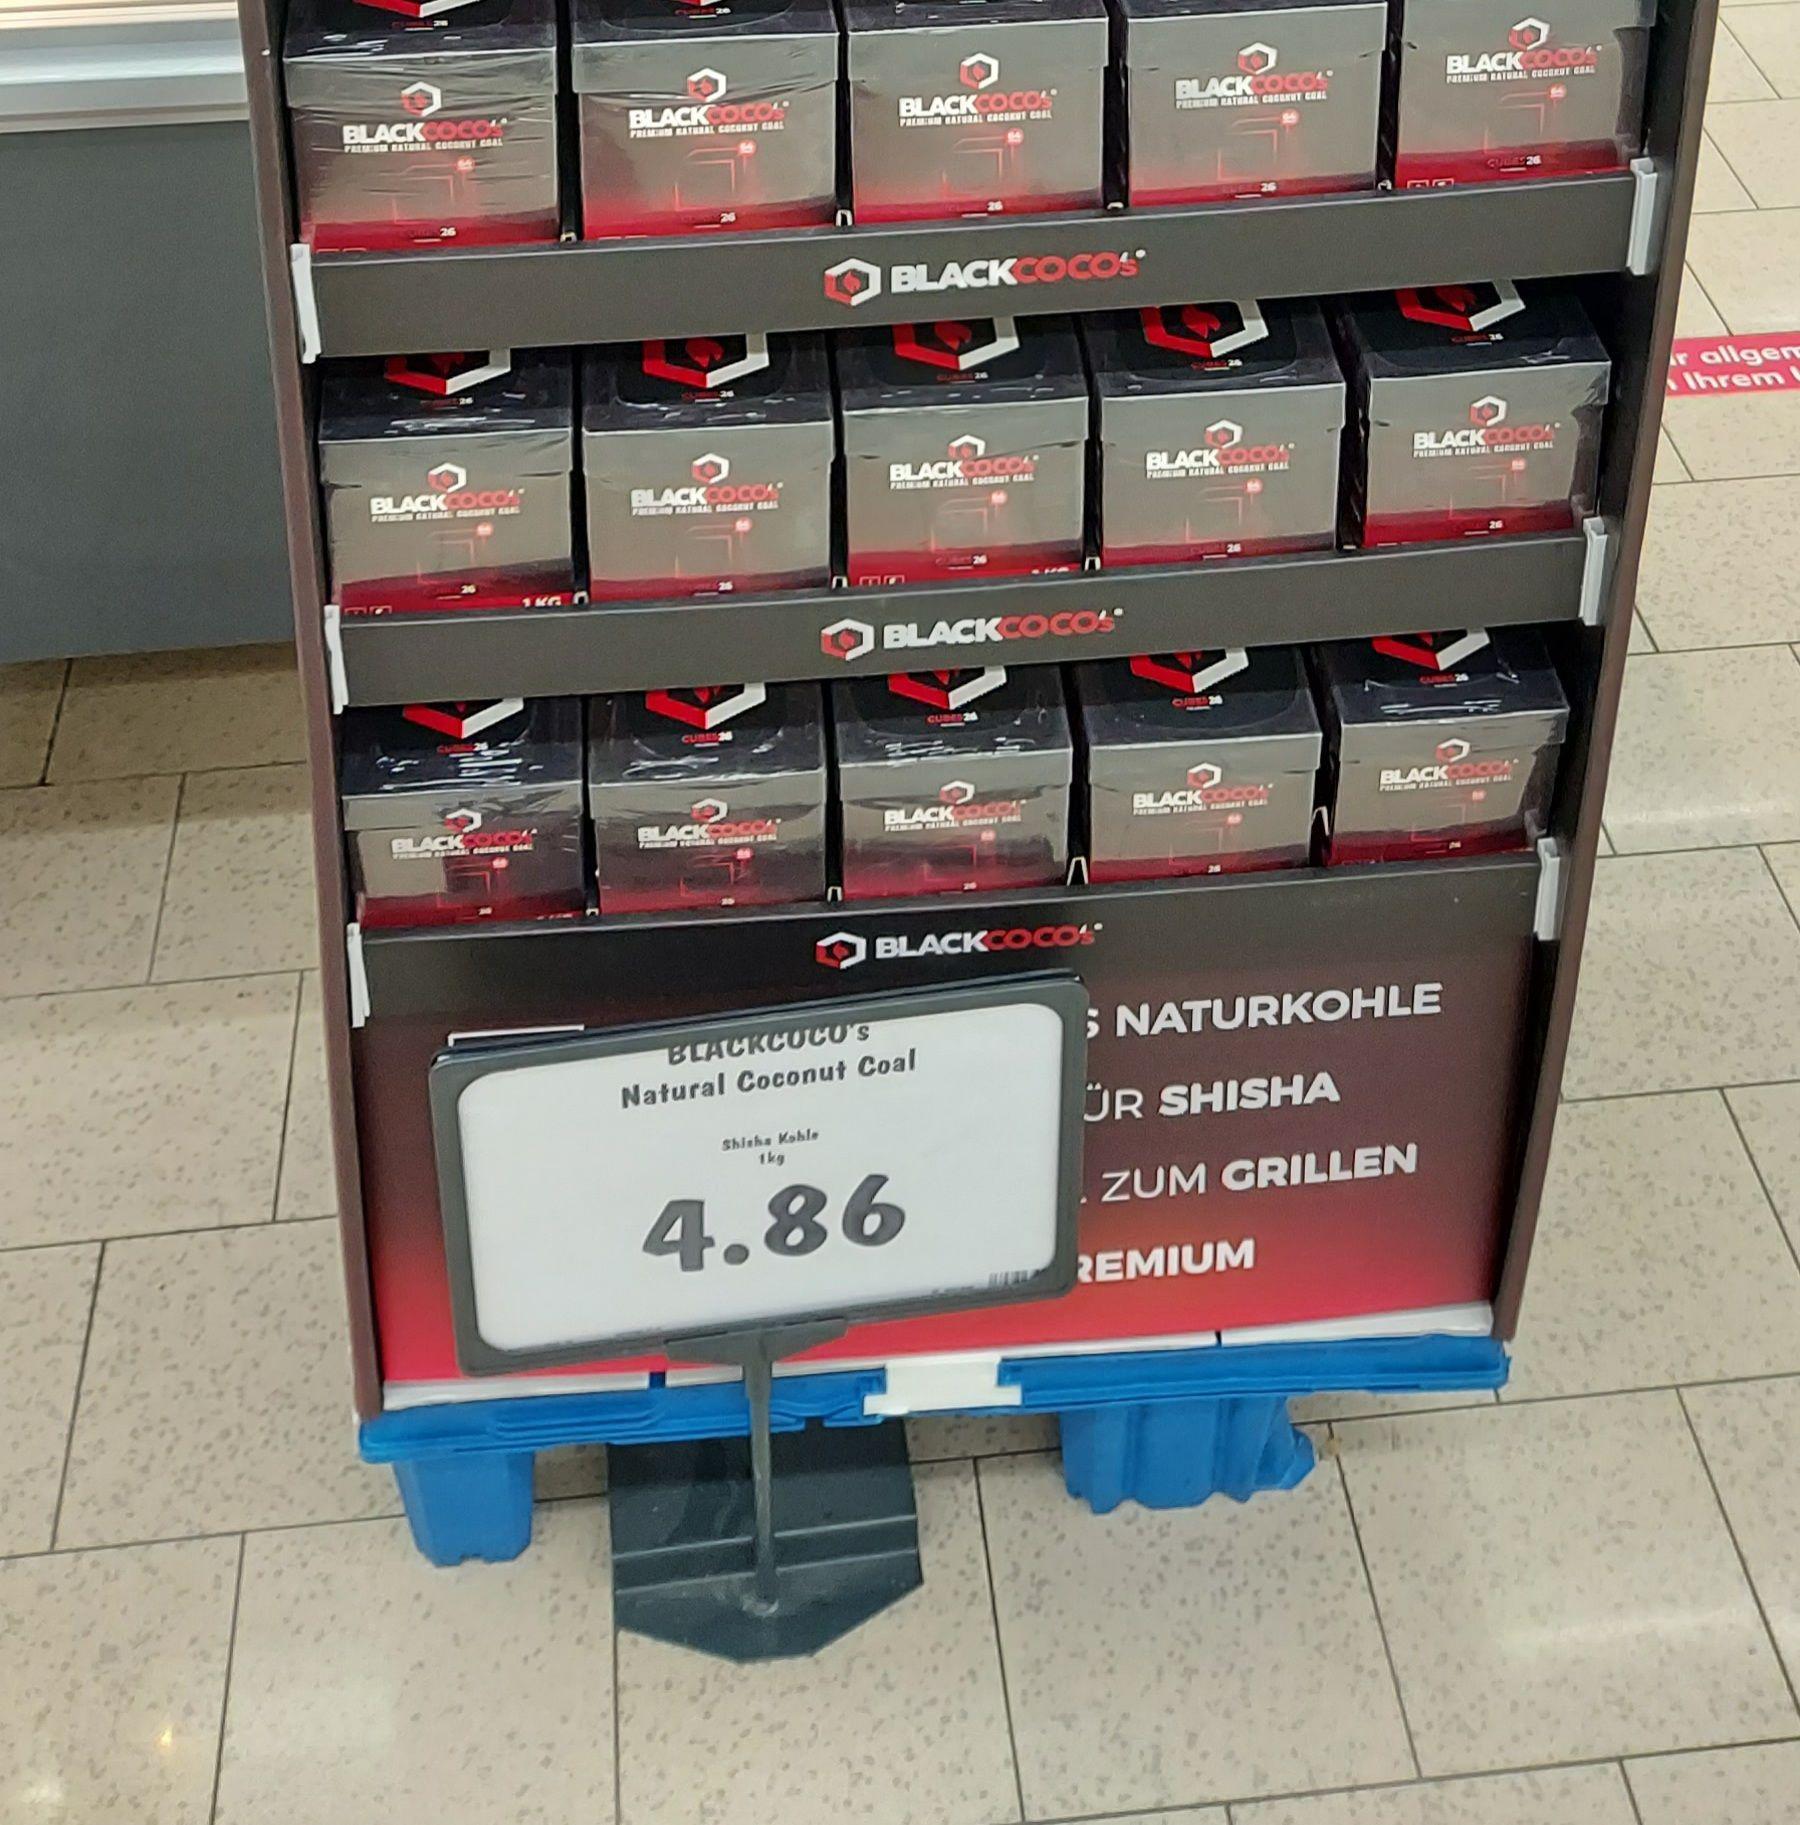 ( Kaufland Regensburg ) 1KG Blackcoco's Kokosnuss Naturkohle Premium für Shisha und BBQ